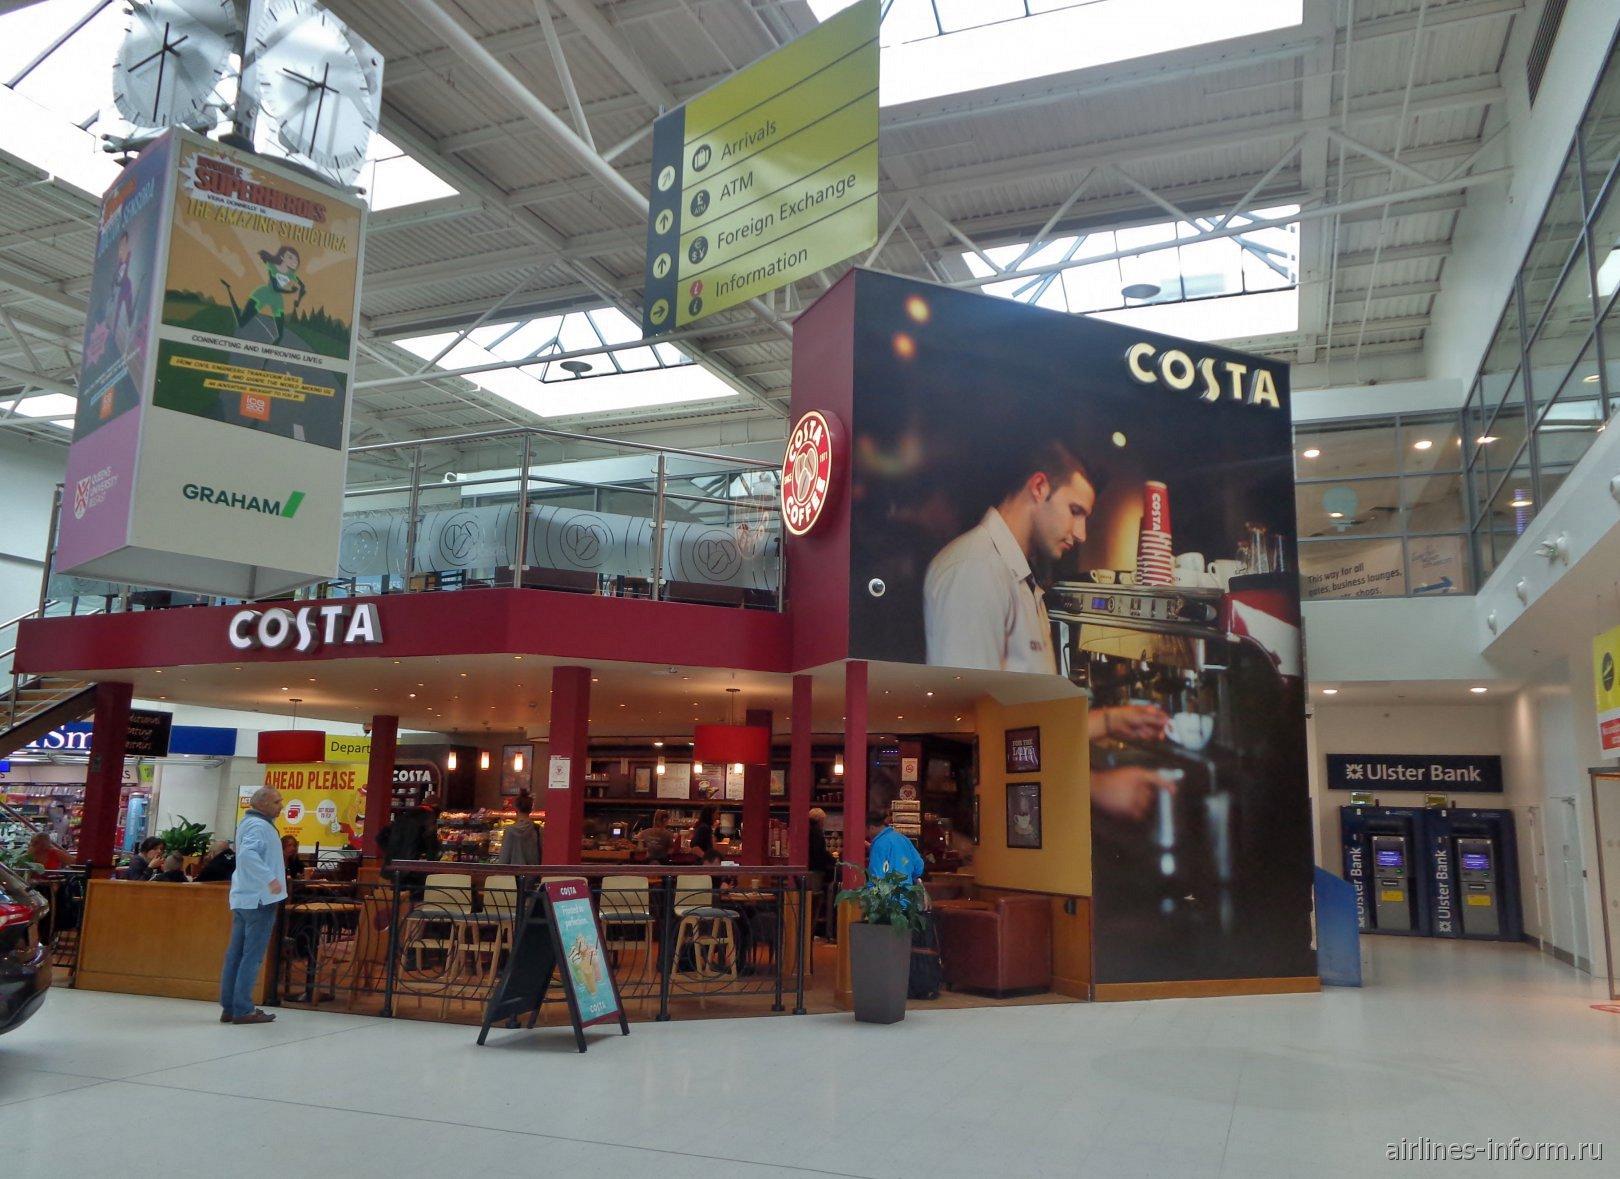 В пассажирском терминале аэропорта Белфаст-Сити Джордж Бест